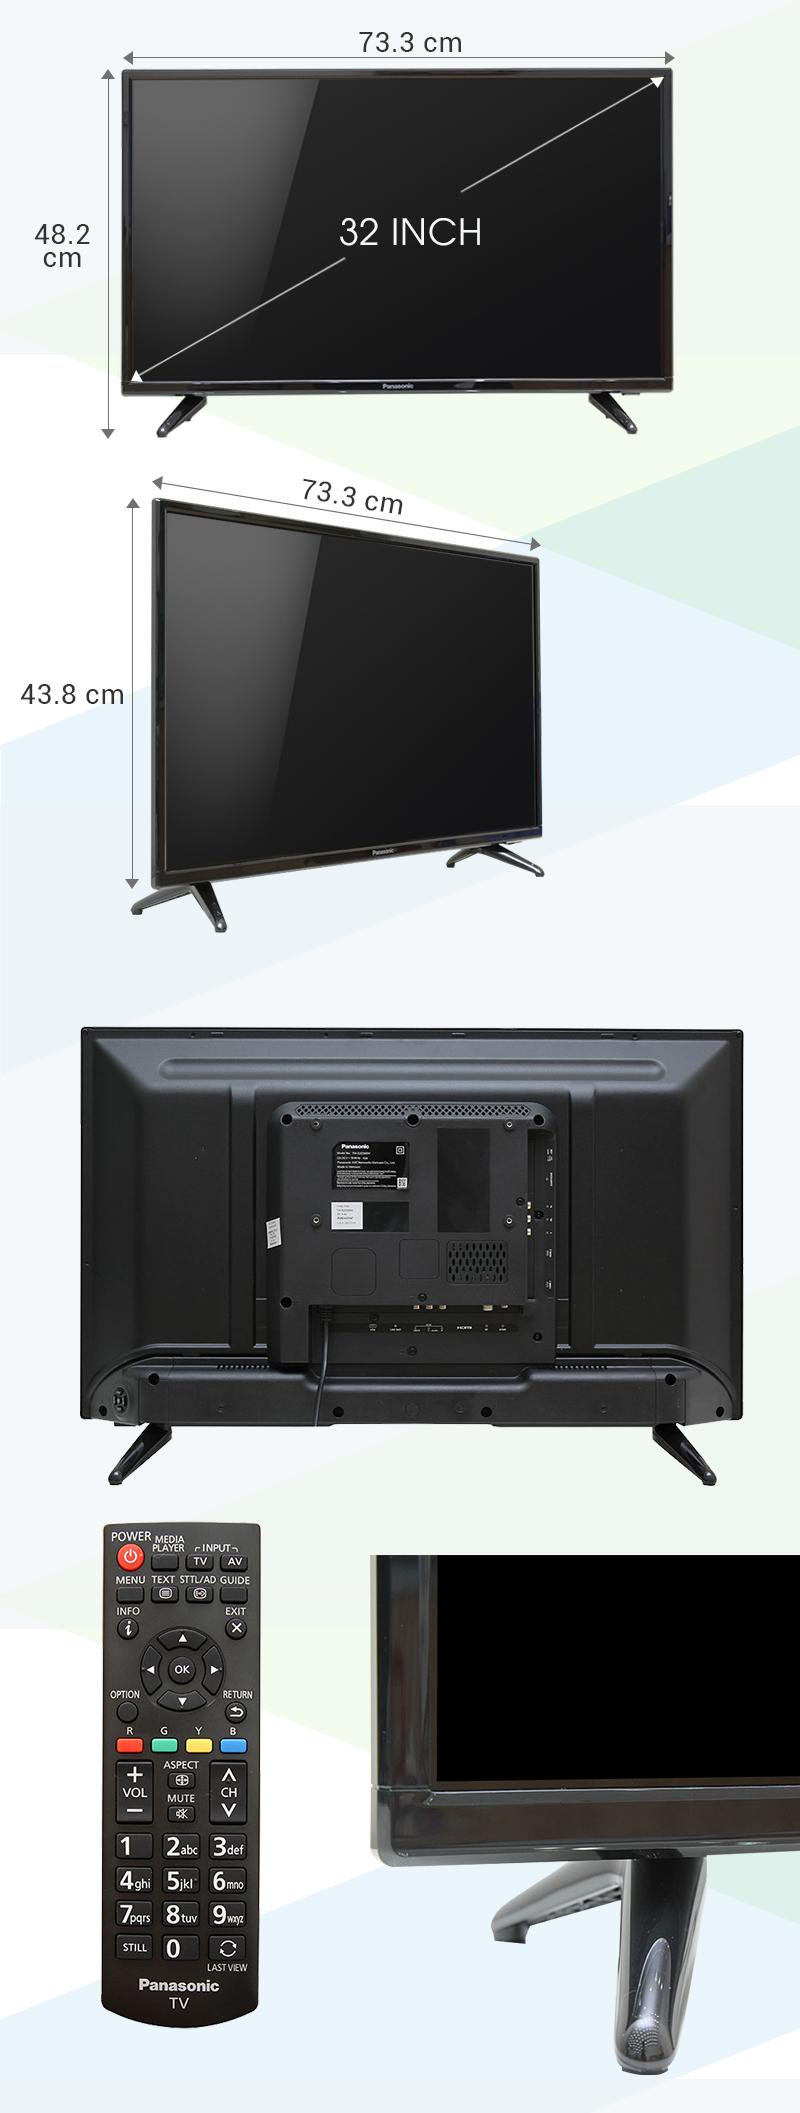 Tivi Panasonic 32 inch TH-32D300V - Kích thước TV